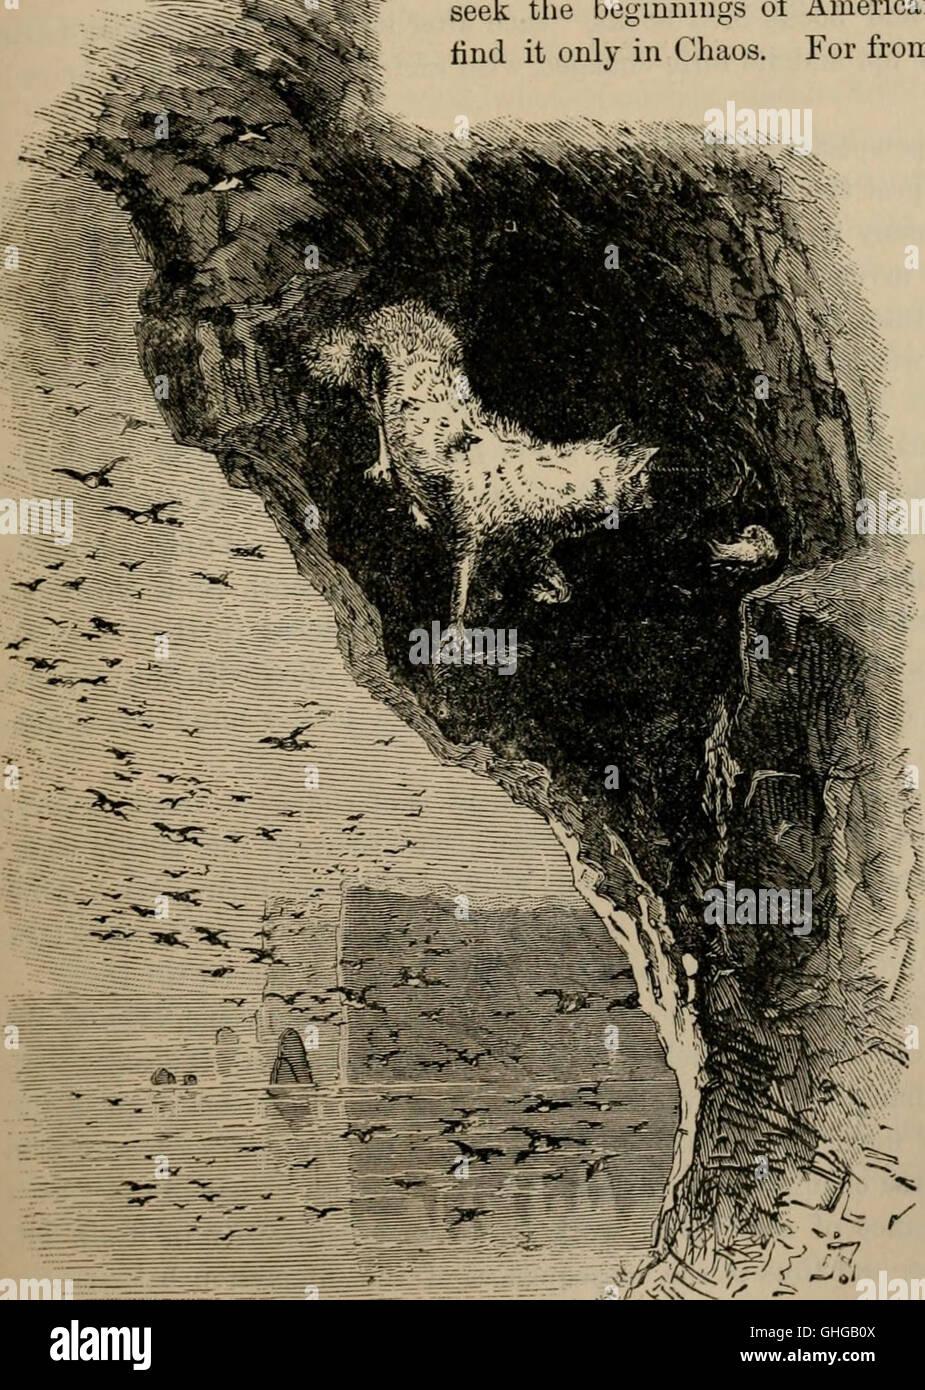 Clé d'oiseaux de l'Amérique du Nord. Contenant des indications succinctes sur chaque espèce d'oiseau vivant et fossile connu à l'heure actuelle du continent au nord de la frontière du Mexique et des États-Unis, y compris Banque D'Images